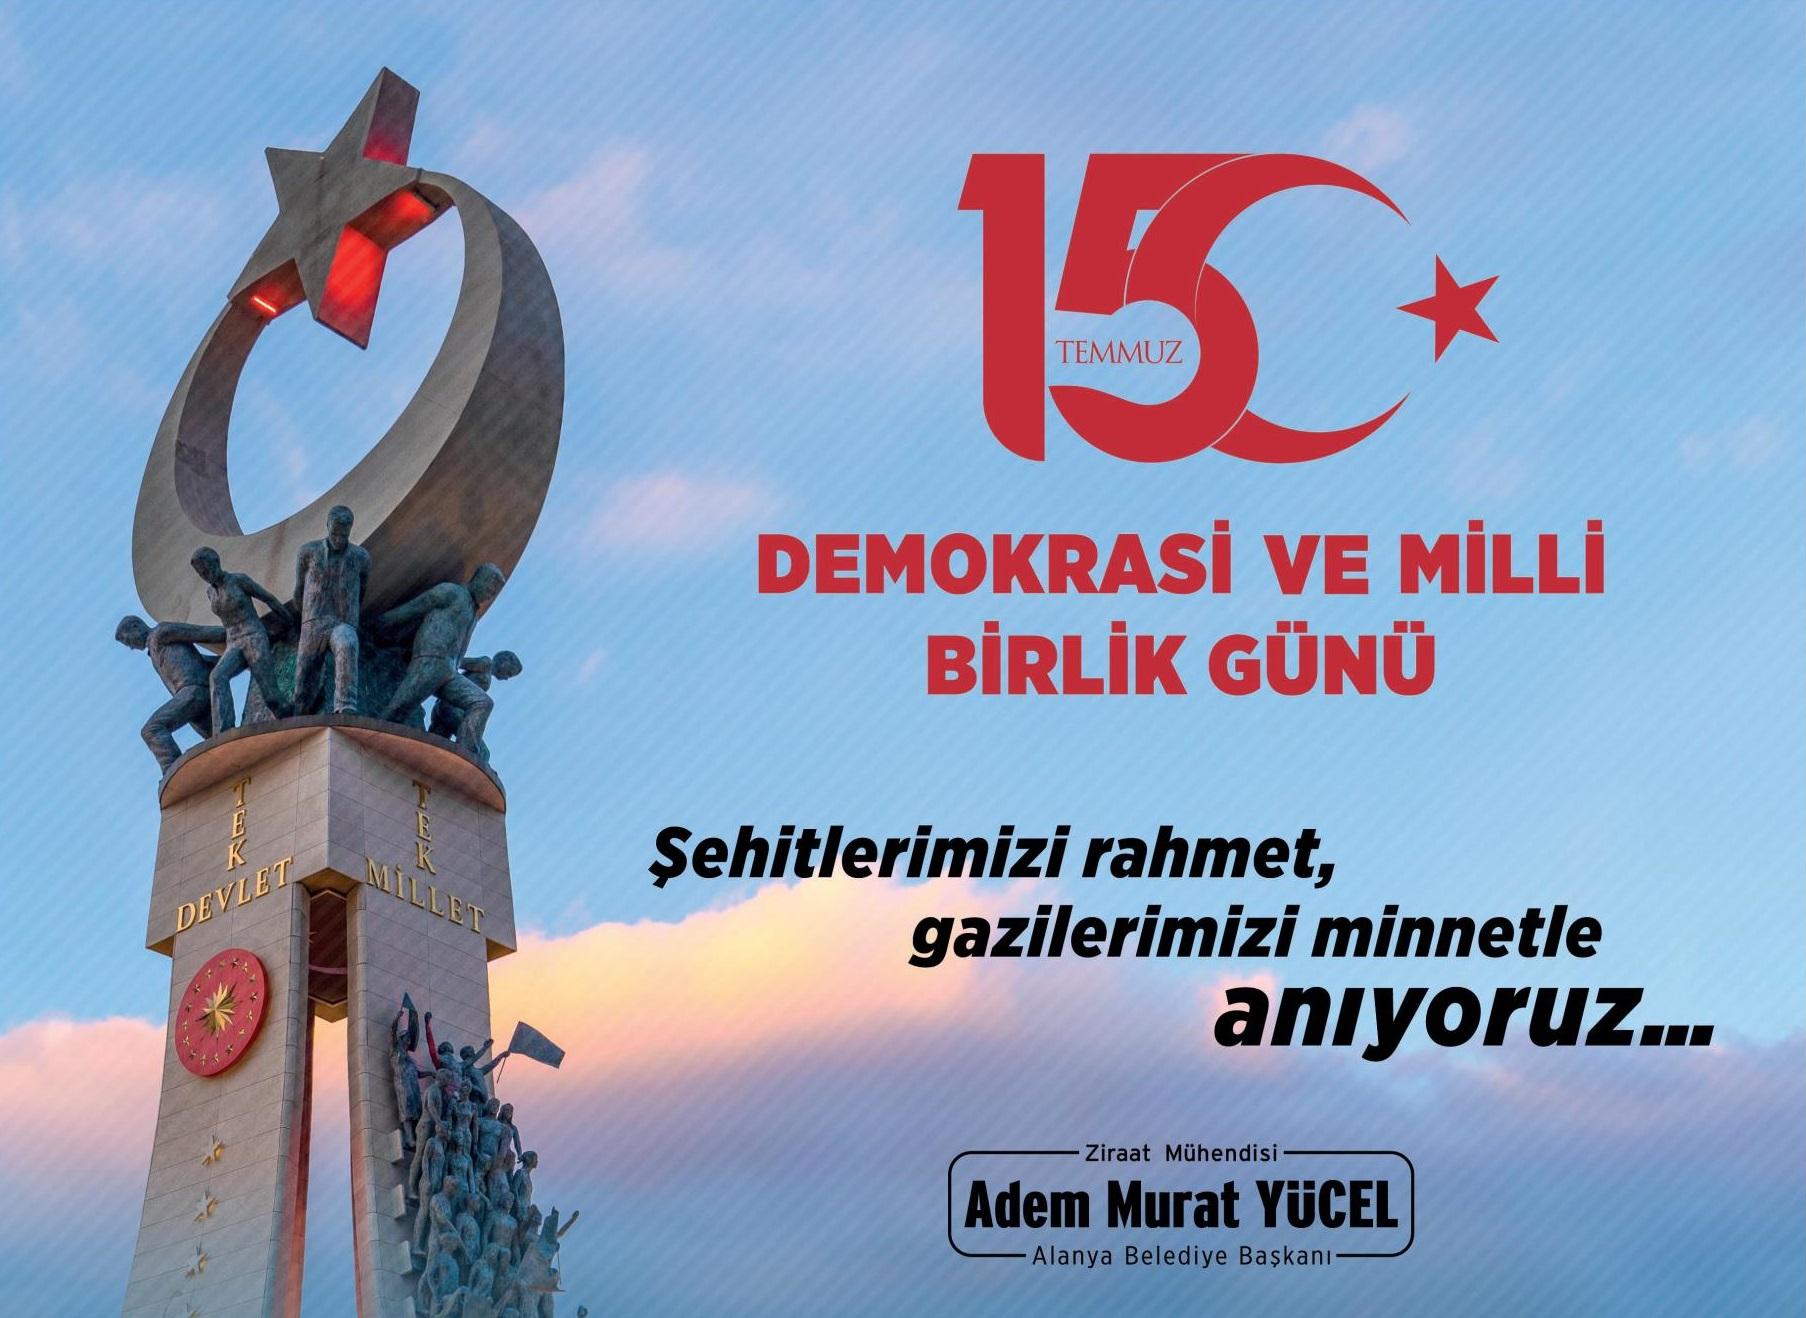 Şehitlerimizi rahmet, gazilerimizi minnetle anıyoruz...  Adem Murat YÜCEL Alanya Belediye Başkanı